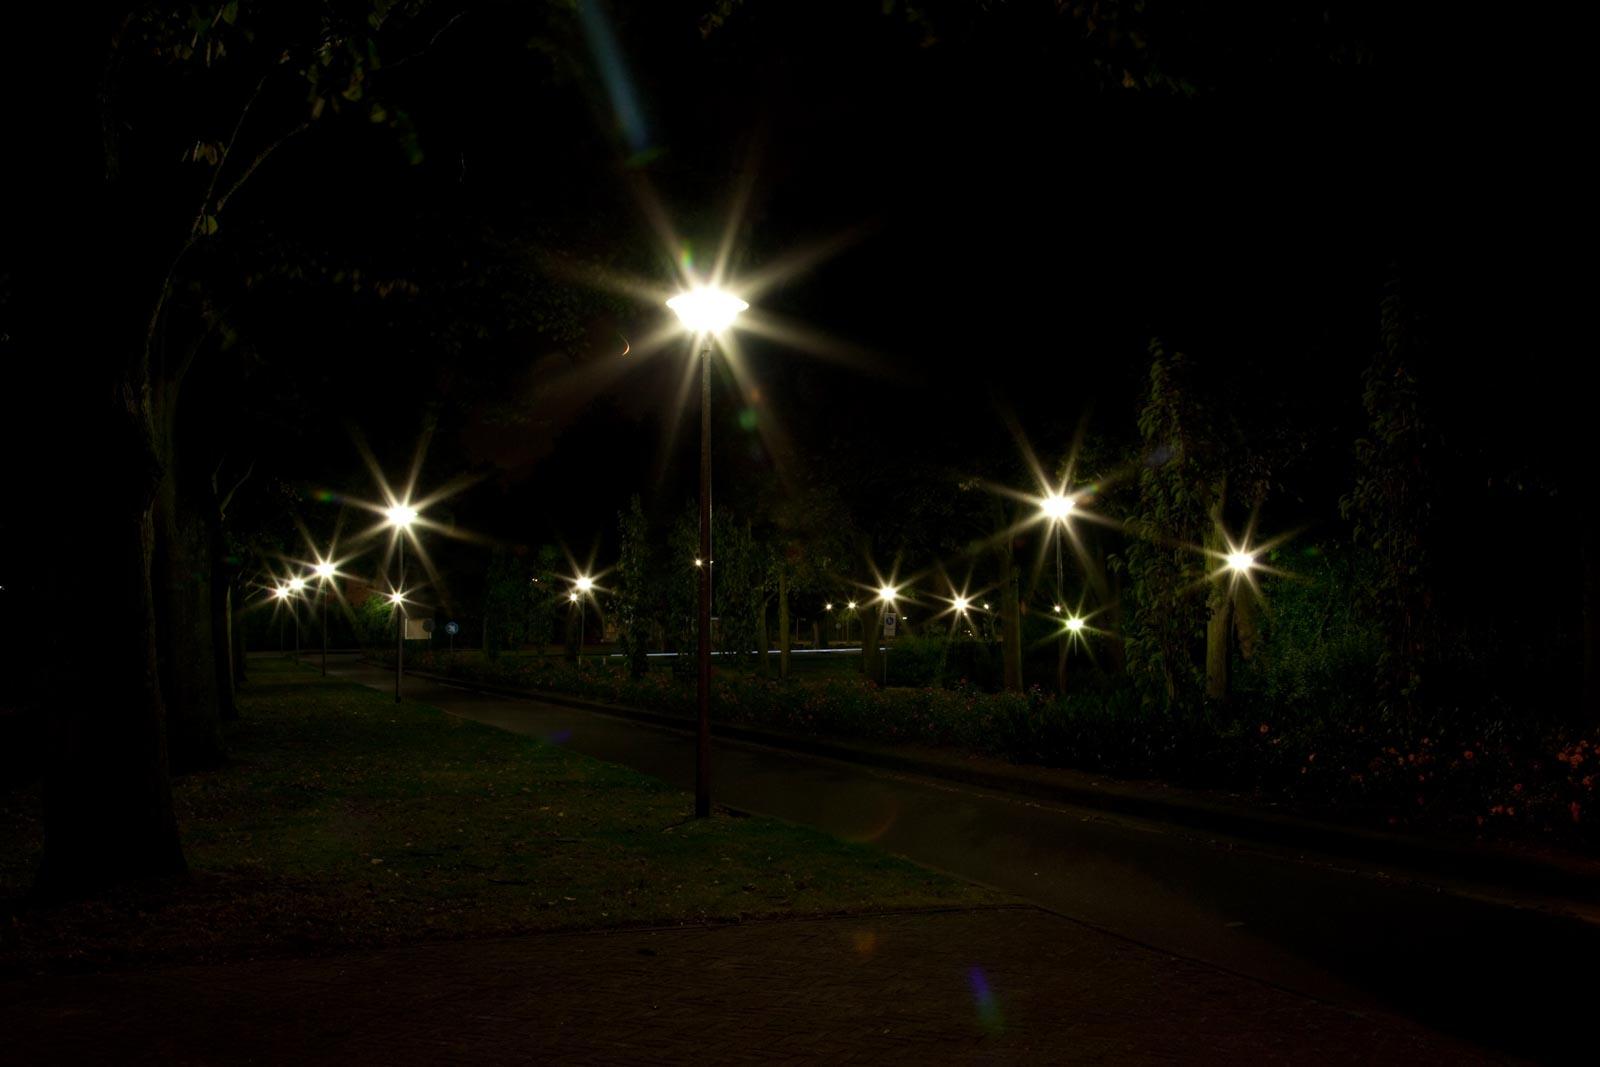 Nachtfoto met stervorming op diafragma 22